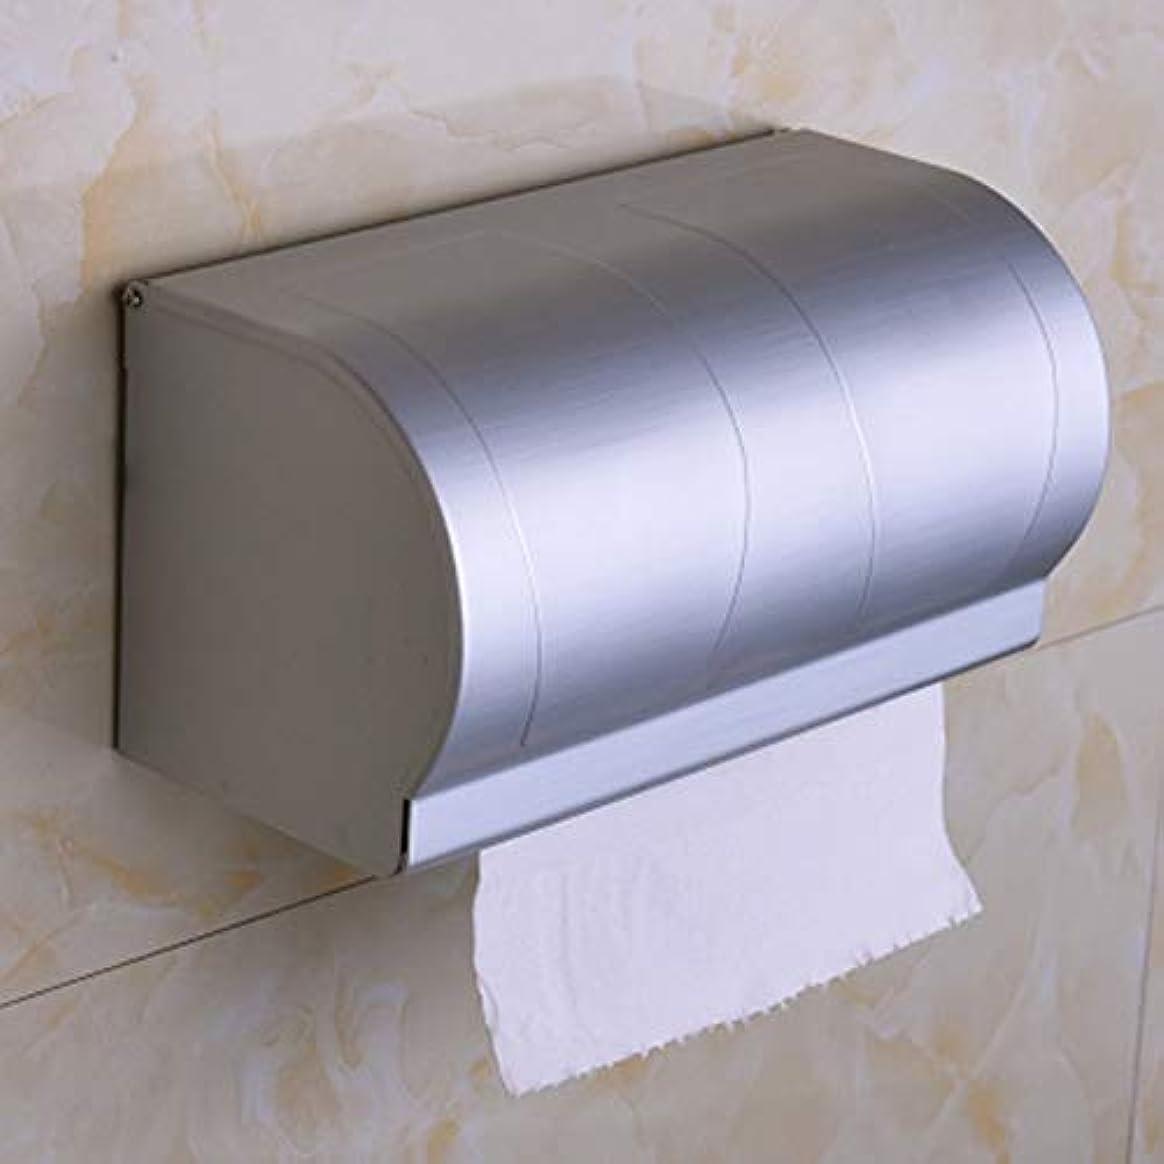 安定しました引退するクスコZZLX 紙タオルホルダー、宇宙アルミのバスルームペーパータオルホルダー閉鎖トイレットペーパーホルダー ロングハンドル風呂ブラシ (色 : C)